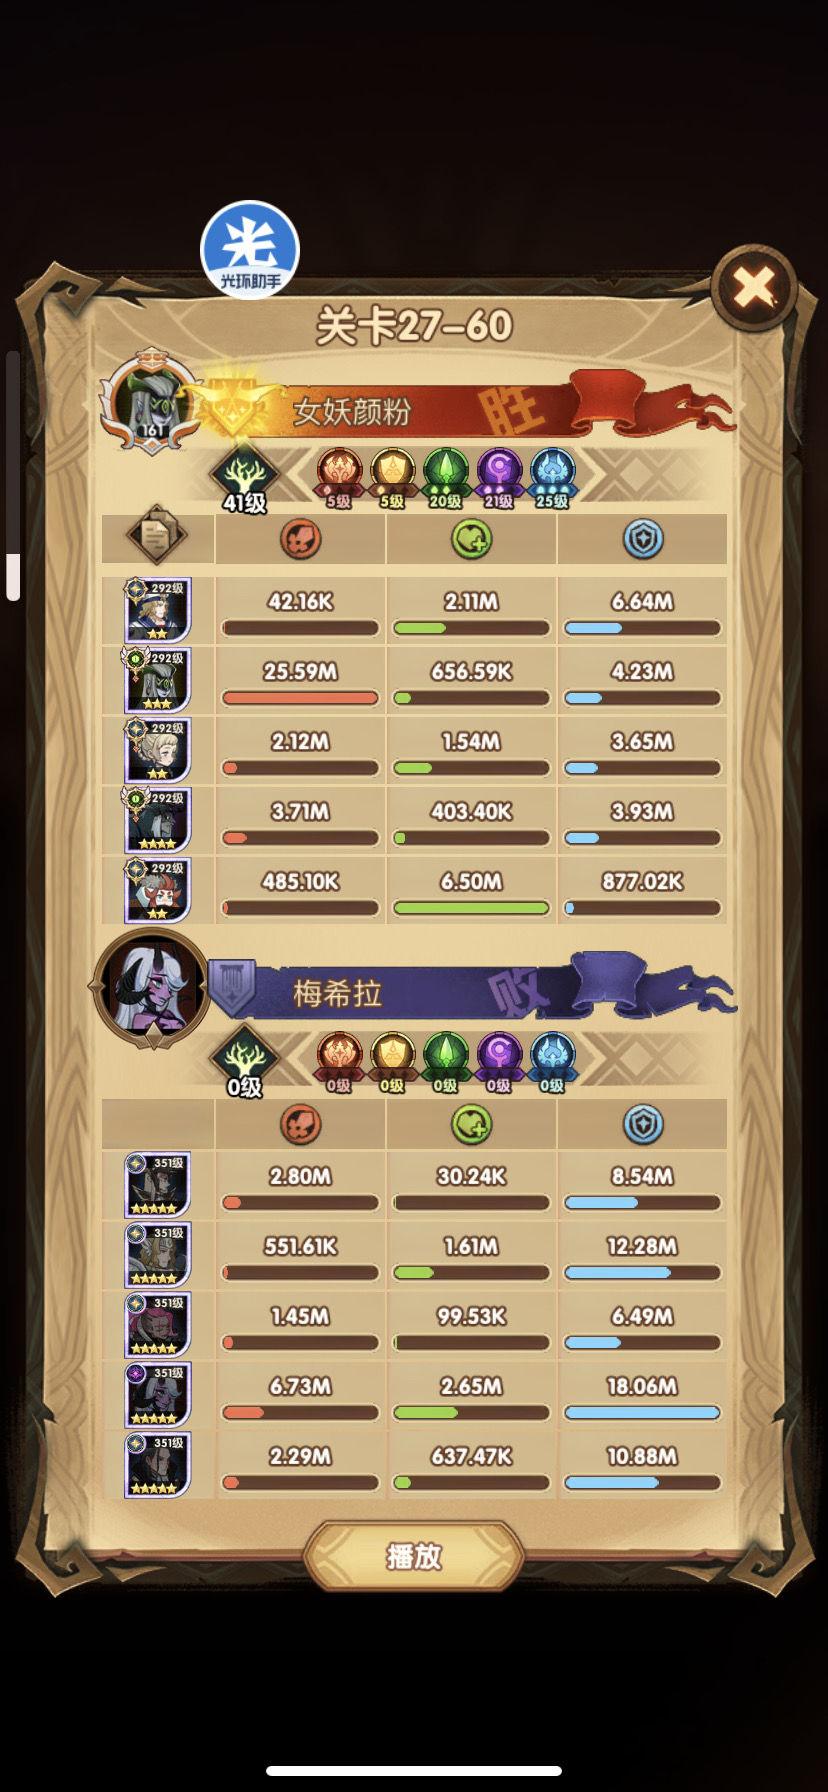 剑与远征28章通关玩法攻略女妖阵容及搭配详解